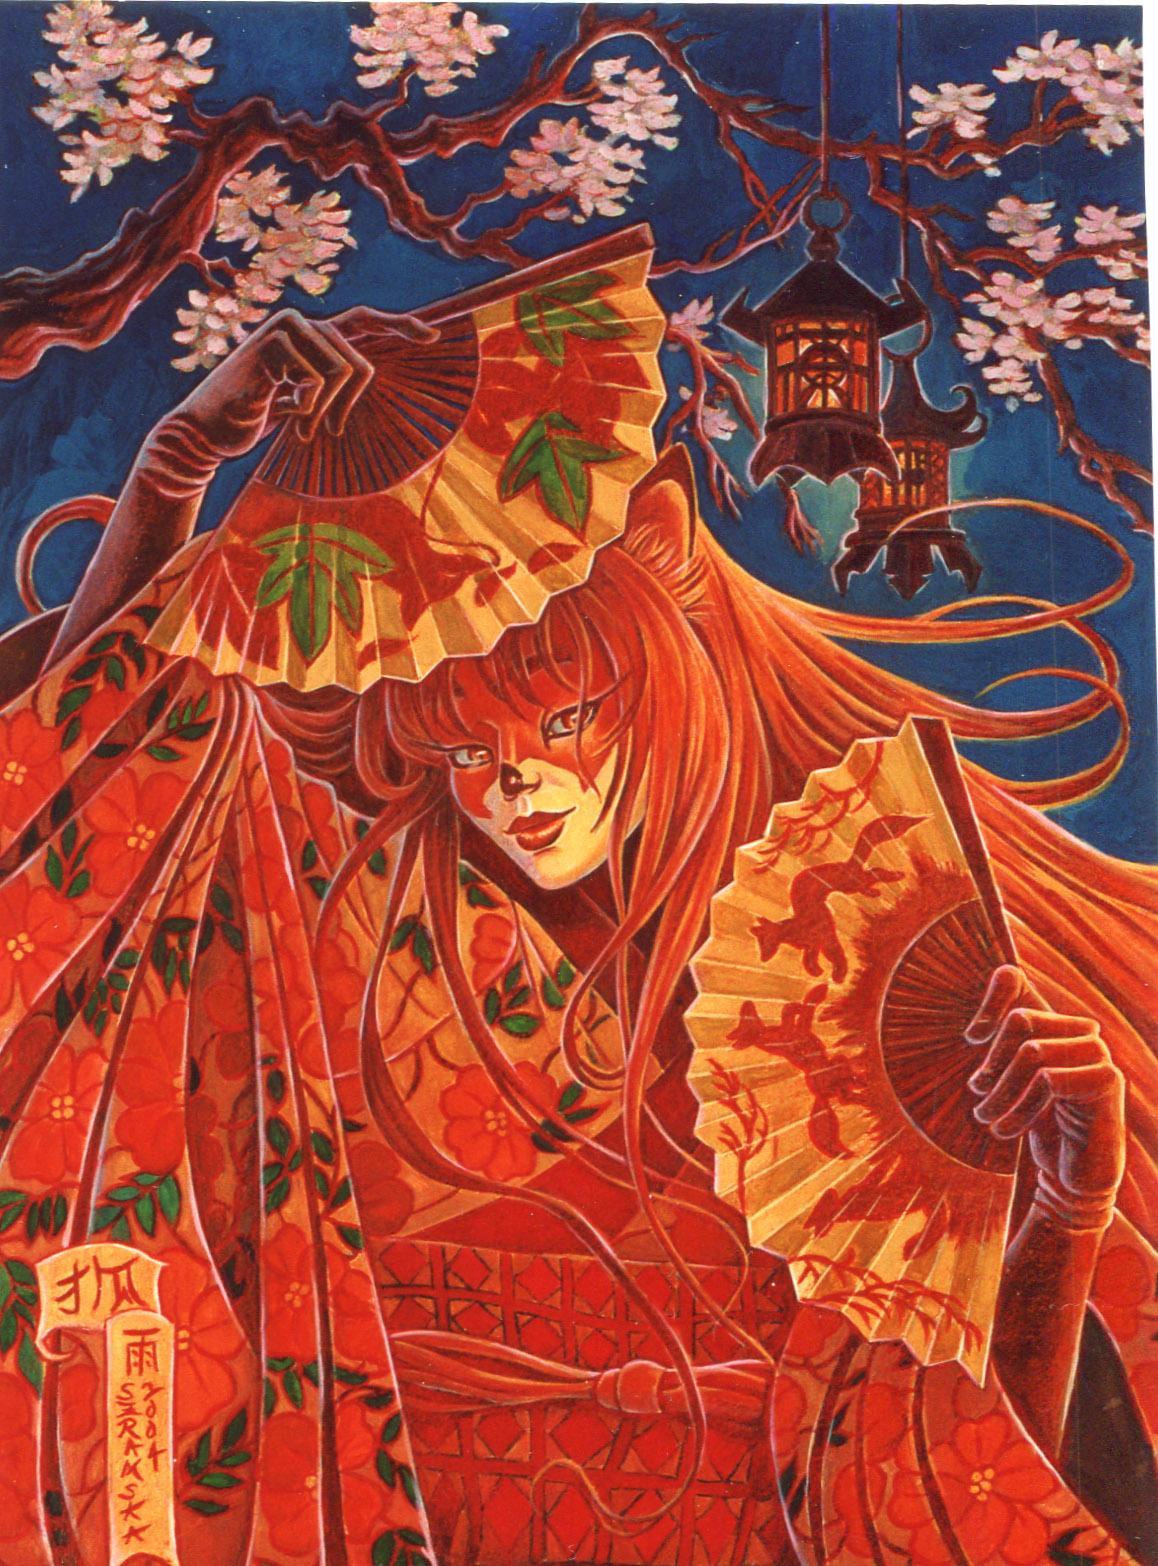 https://2.bp.blogspot.com/-J9hlqmmvjYc/T594DePv9DI/AAAAAAAAAlI/Px3vY--Fpqo/s1600/kitsune.jpg